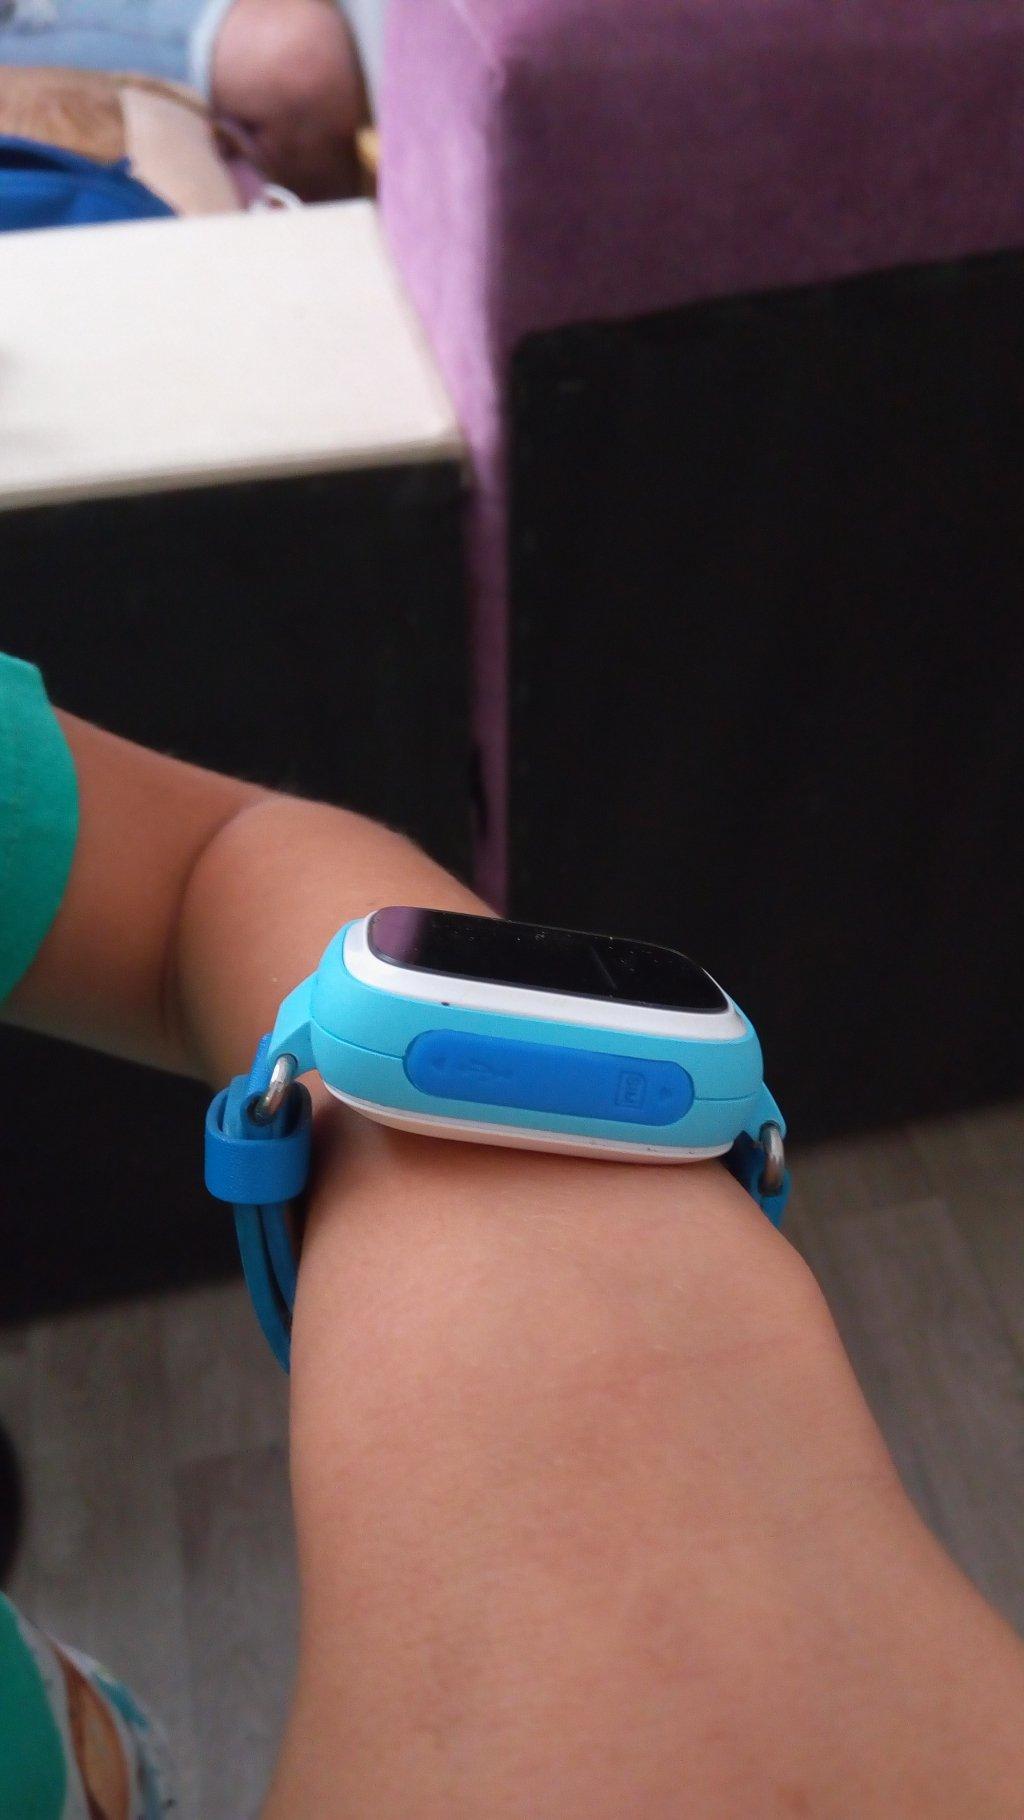 SmartBabyWatch.kiev.ua - Детские часы с GPS Супер выручалка!